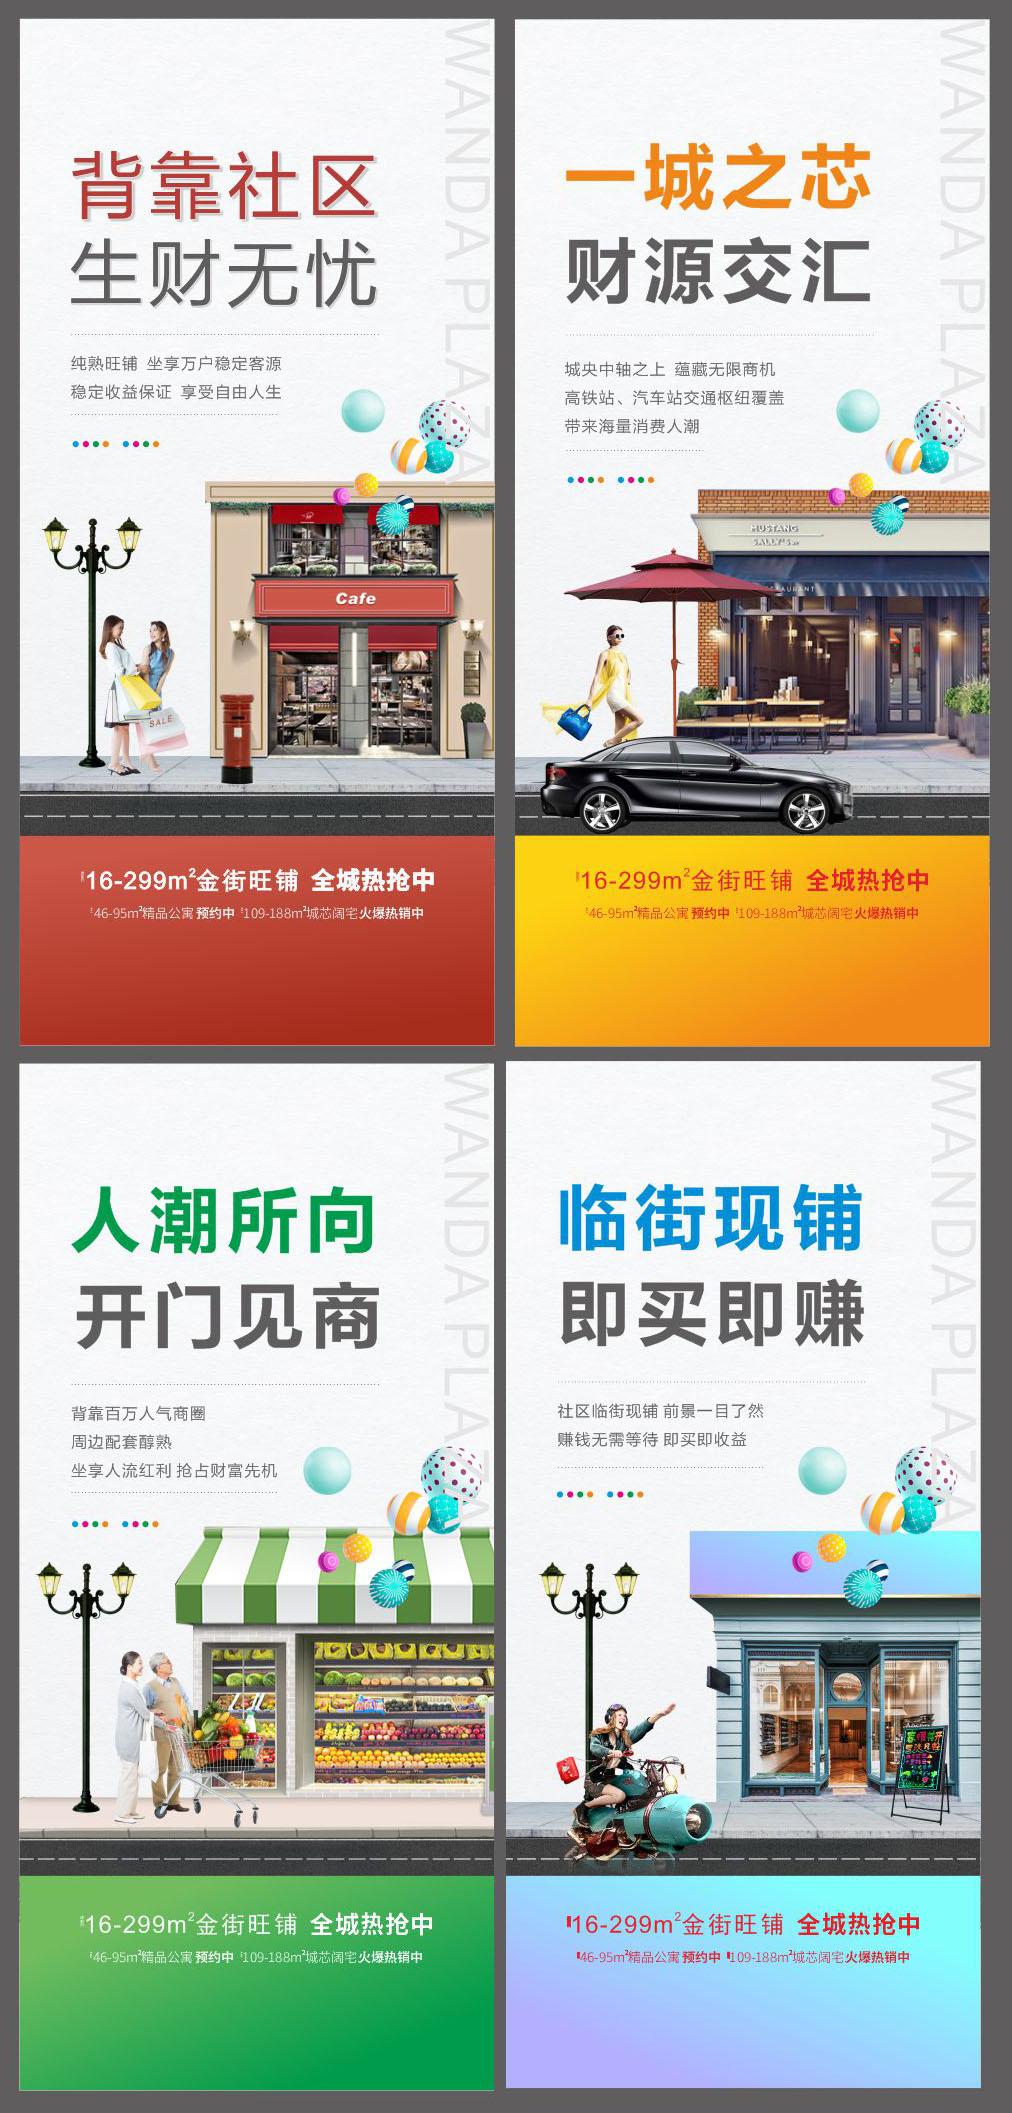 地产沿街商铺价值点系列稿CDR源文件插图